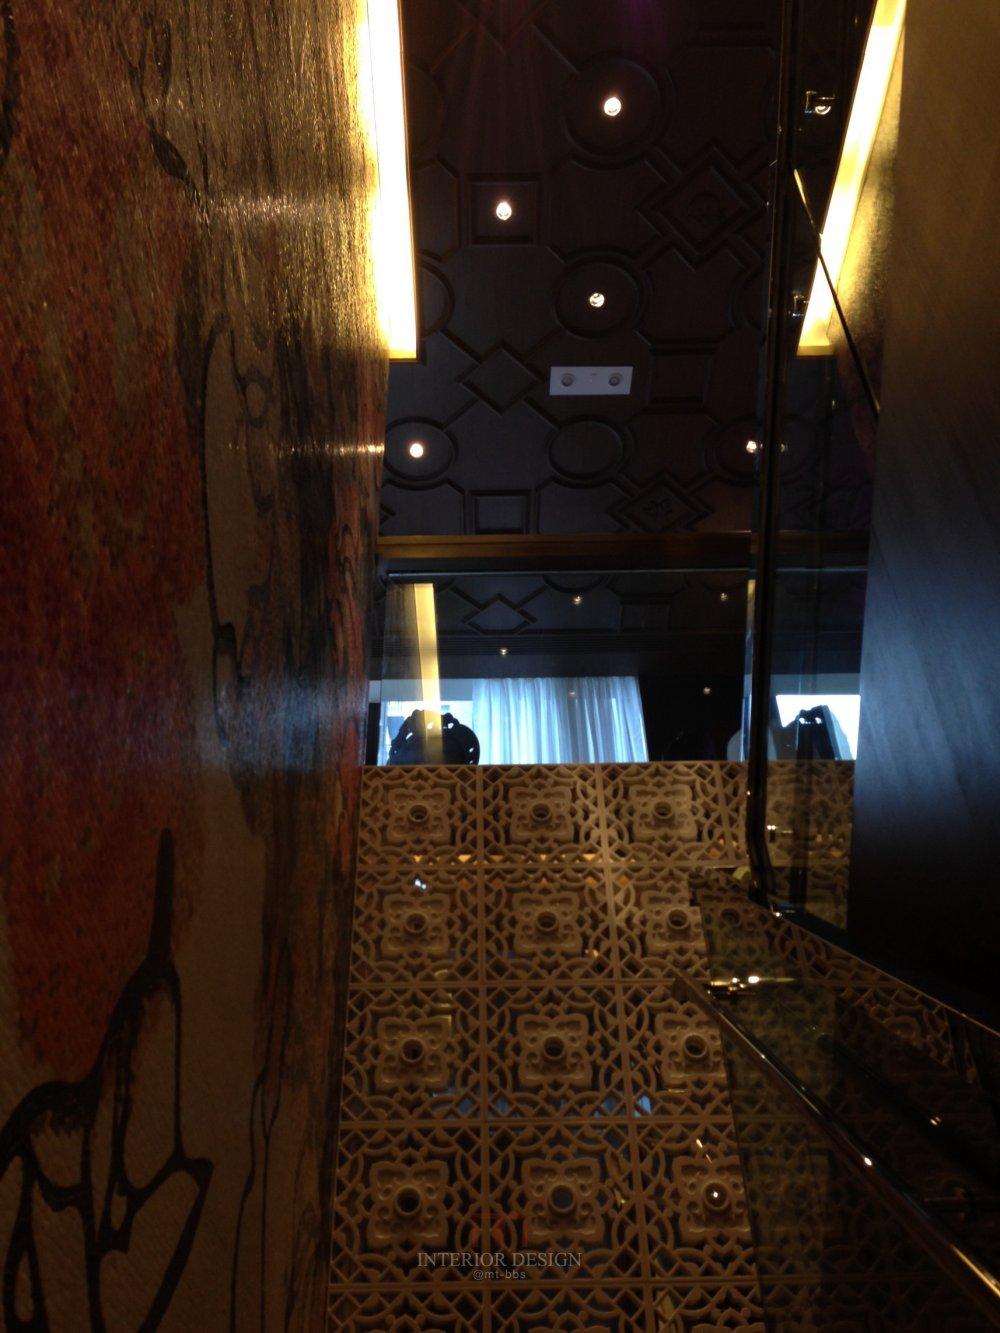 香港湾仔美丽华精品酒店Mira Moon Hotel  自拍分享_IMG_4176.JPG